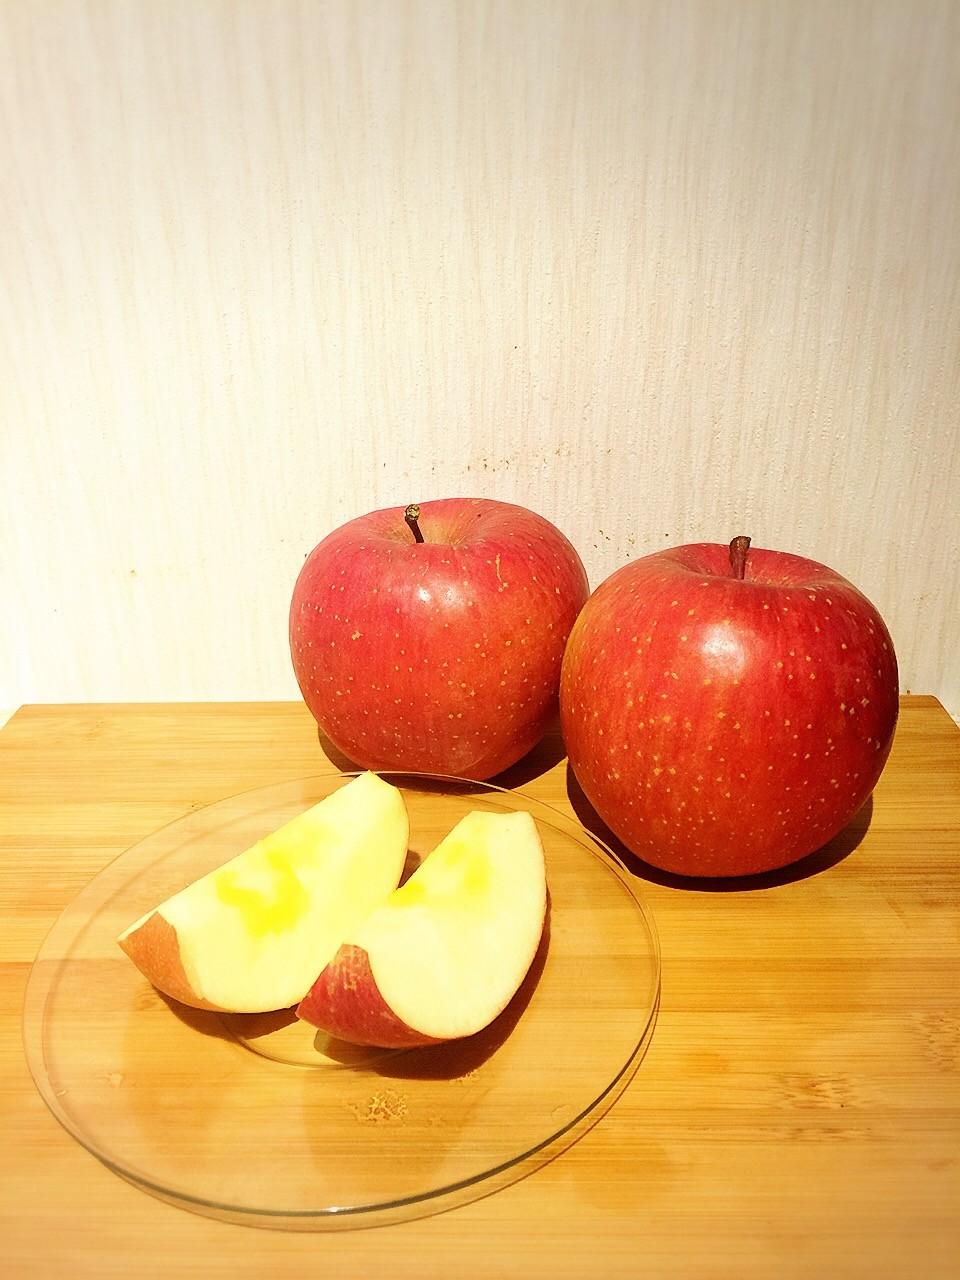 蜜がたっぷりで甘くて美味しいリンゴ♪